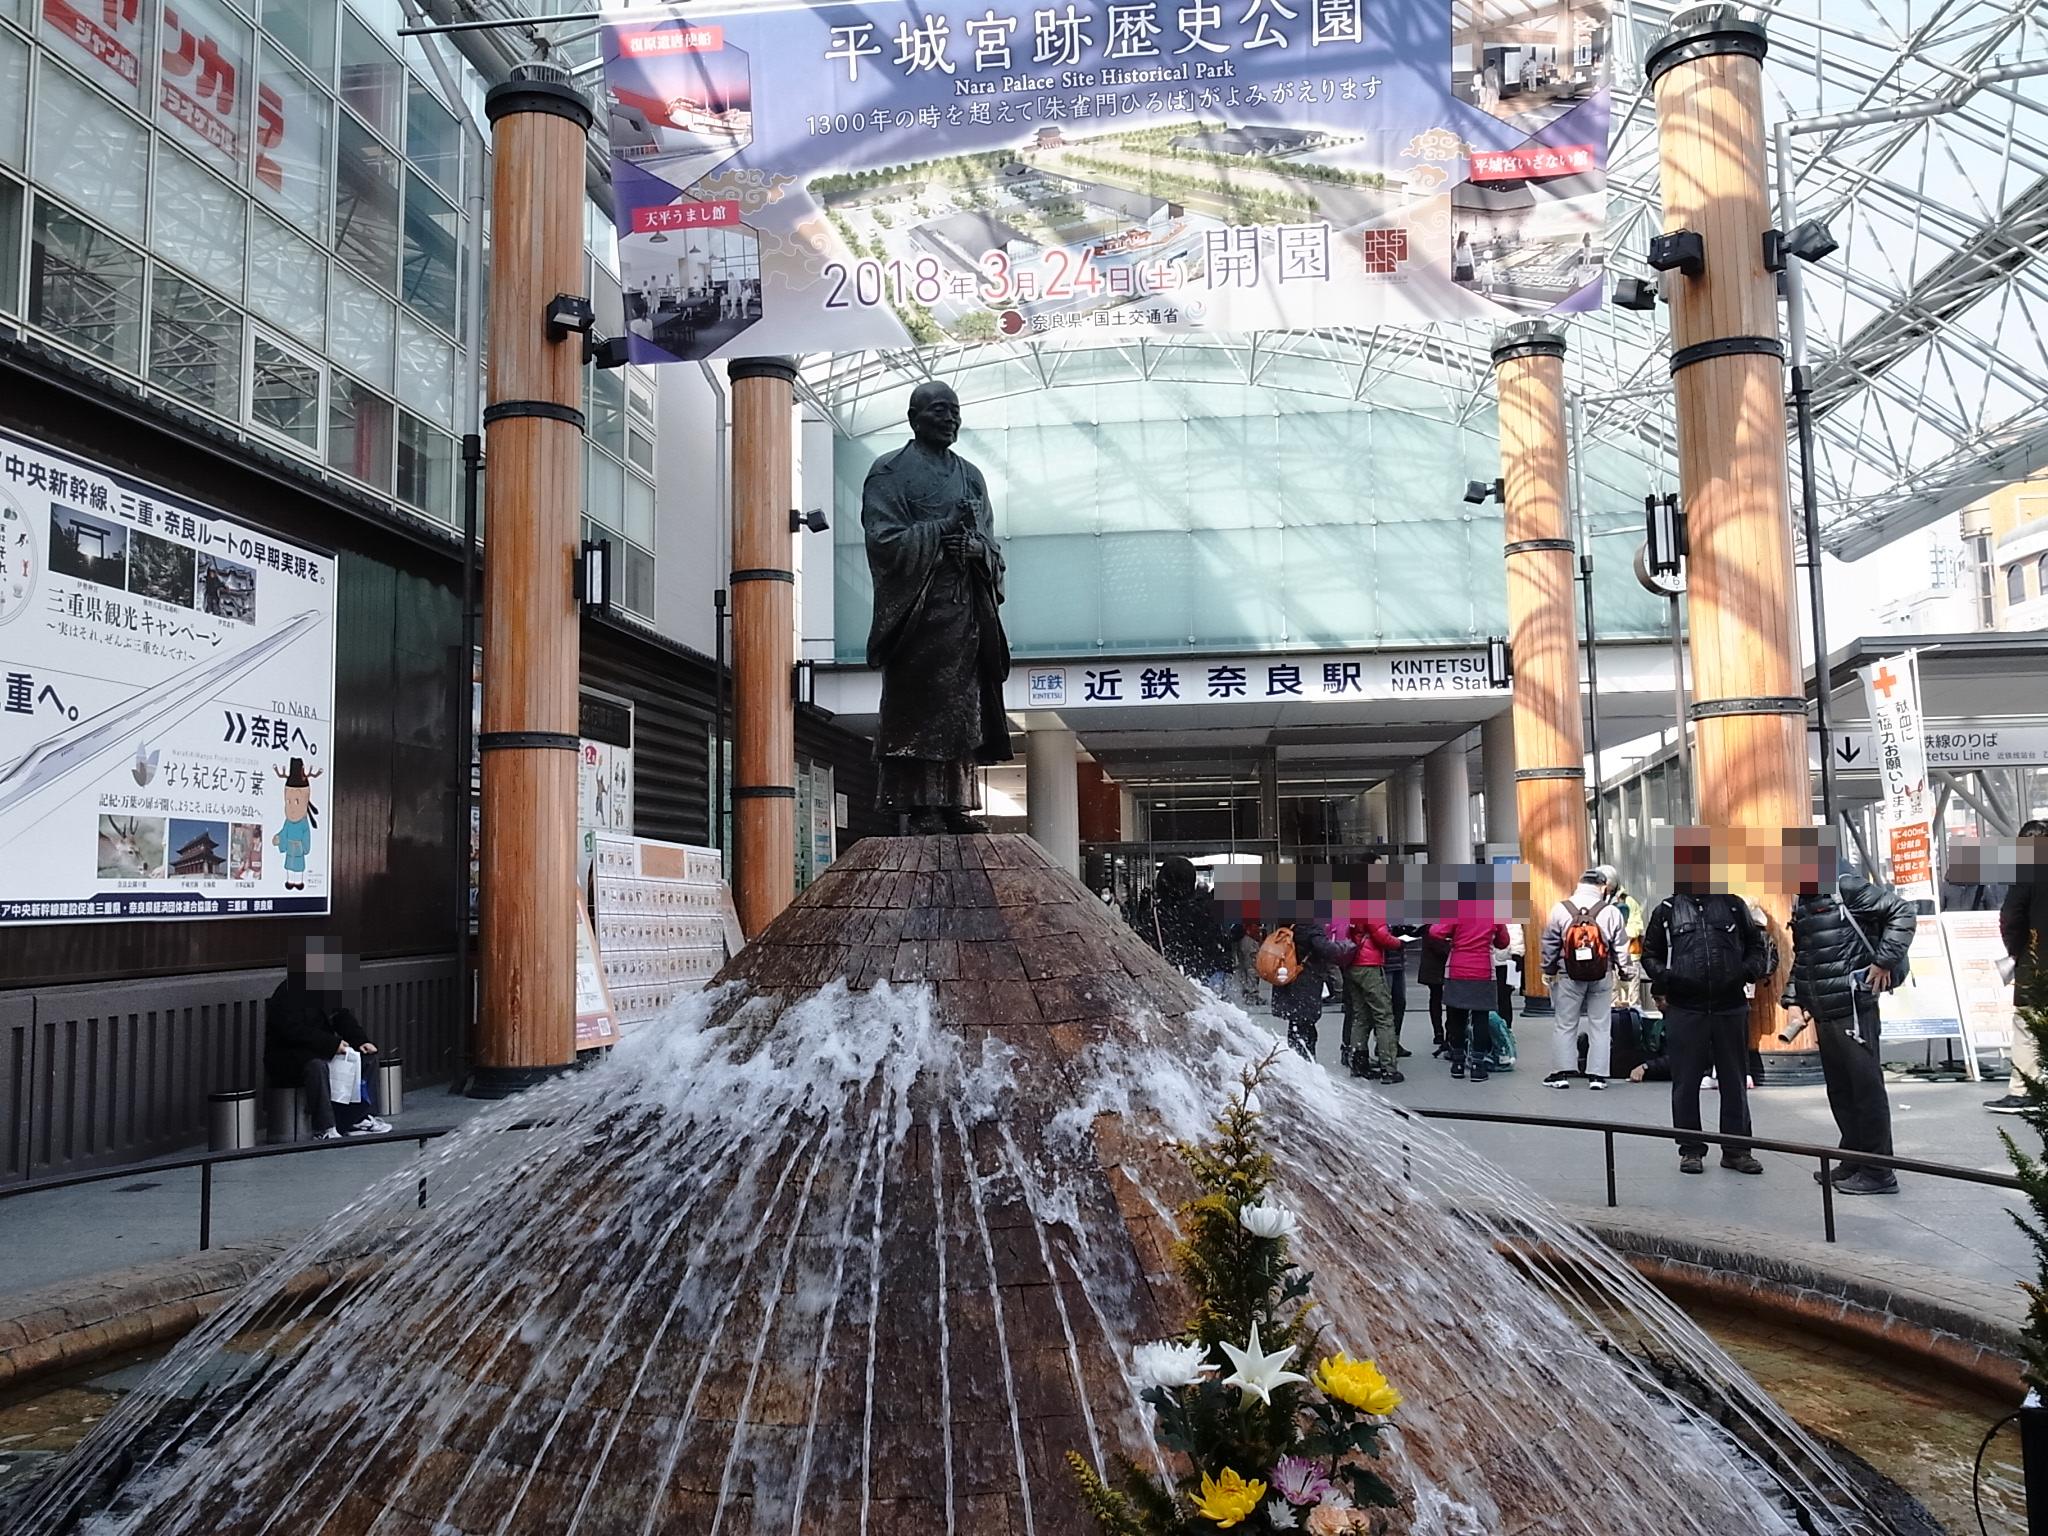 近鉄奈良駅前の行基像の噴水前。ここから15分くらいです。